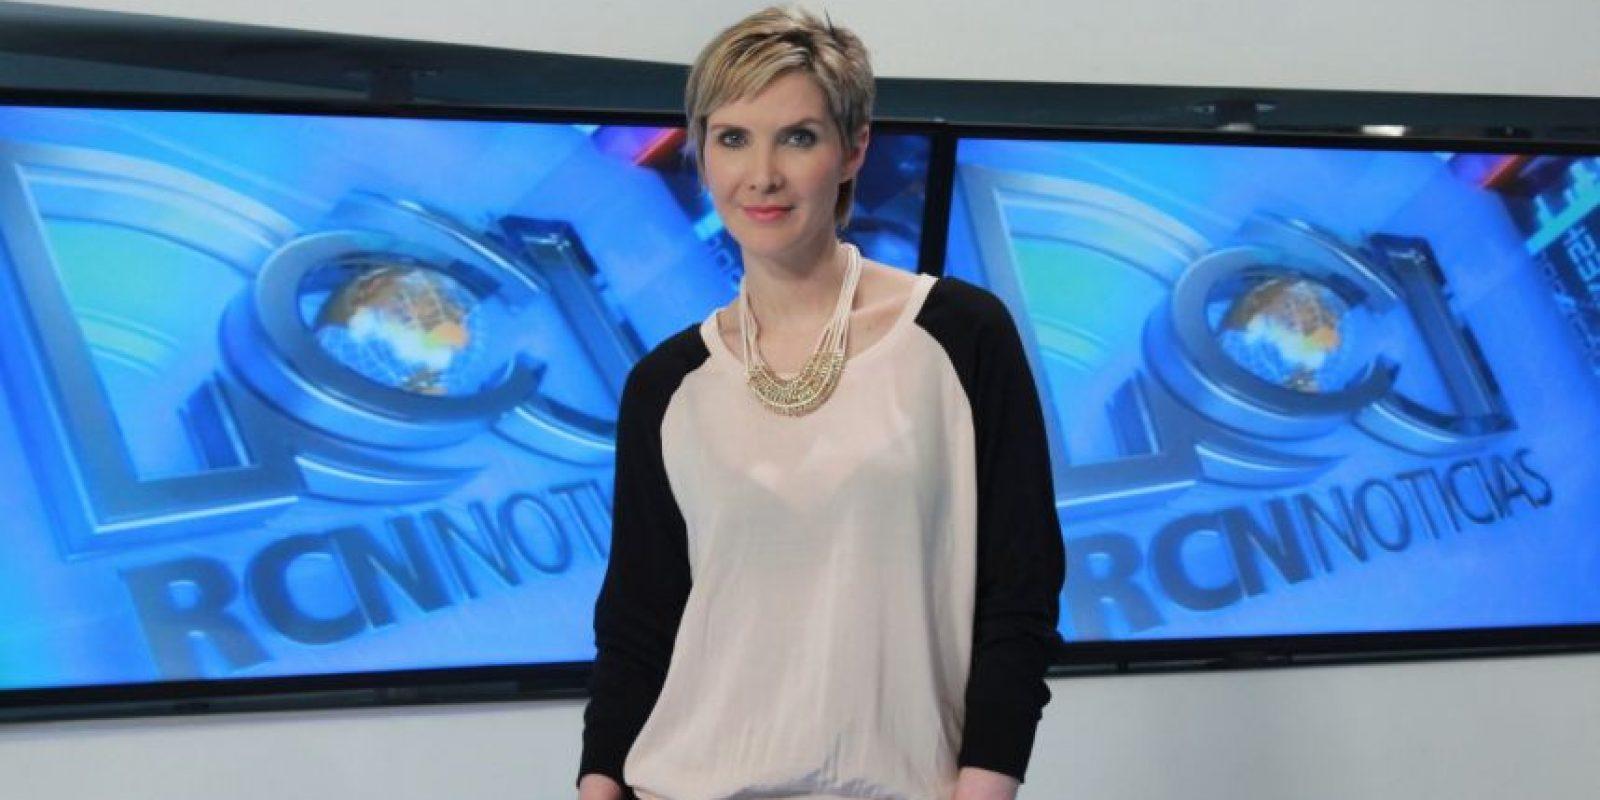 Margarita Ortega fue hace muchos años presentadora de noticias y después se dedicó de lleno a la actuación durante al menos una década. Eso fue así hasta hace unos meses cuando retomó la presentación de noticias del fin de semana en el noticiero de RCN.